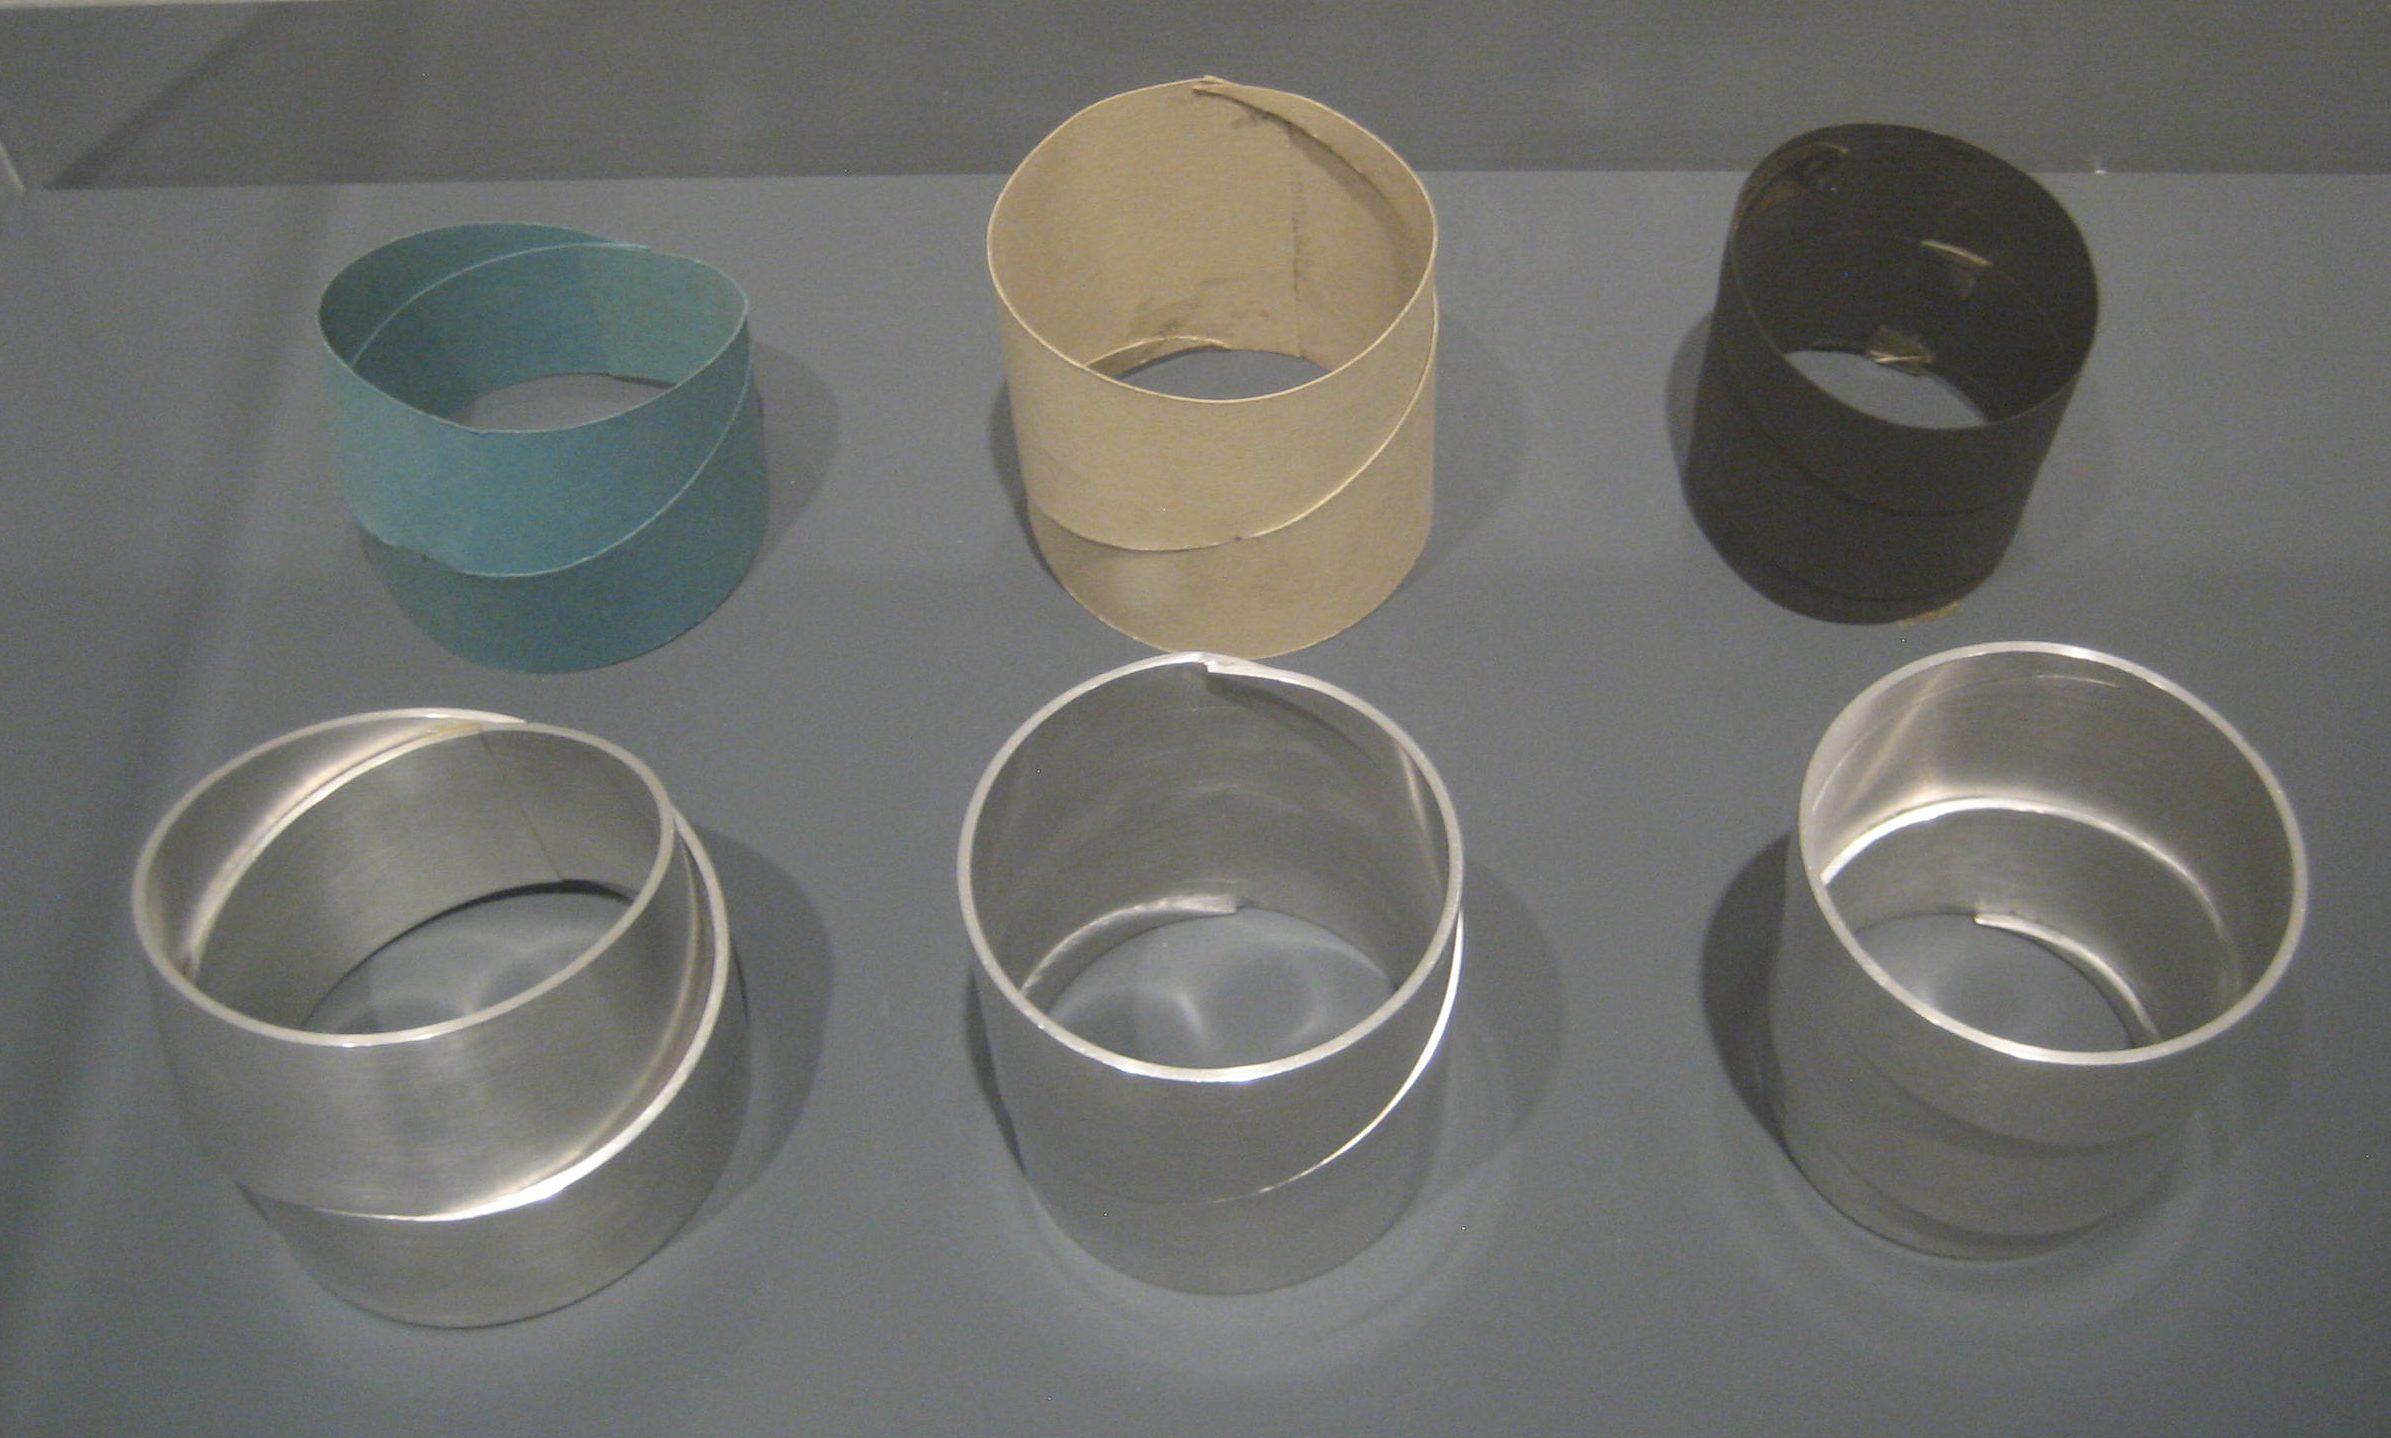 Emmy van Leersum, prototypes en armbanden, 1970-1971. Toen Emmy nu Gijs. Collectie Design Museum Den Bosch, vitrine, tentoonstelling, kunststof, metaal